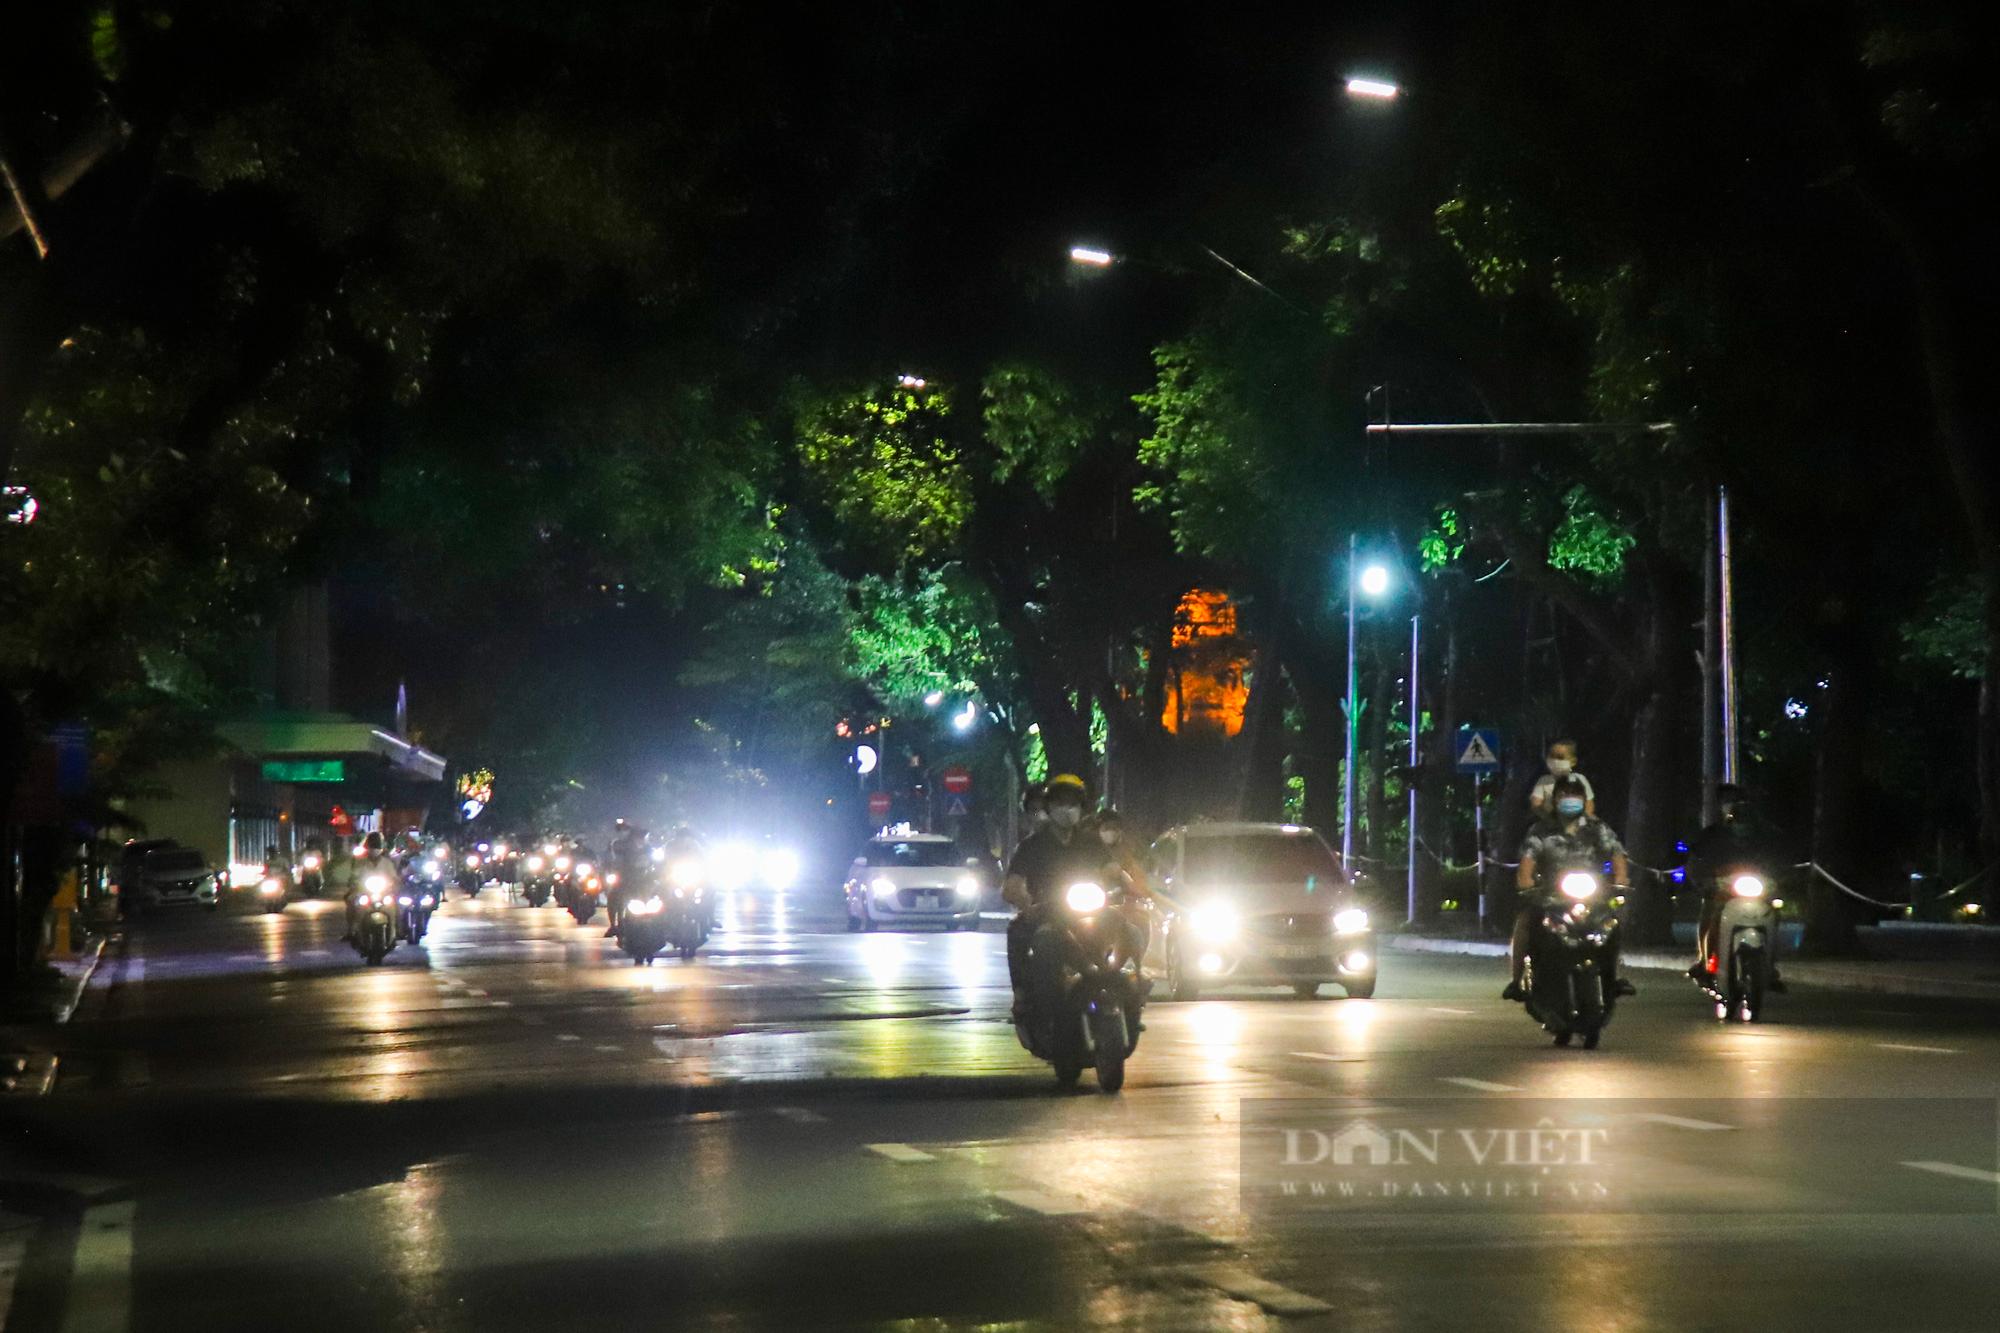 Ngày giãn cách cuối cùng, người dân rủ nhau lên phố cổ dạo chơi đêm trung thu - Ảnh 15.